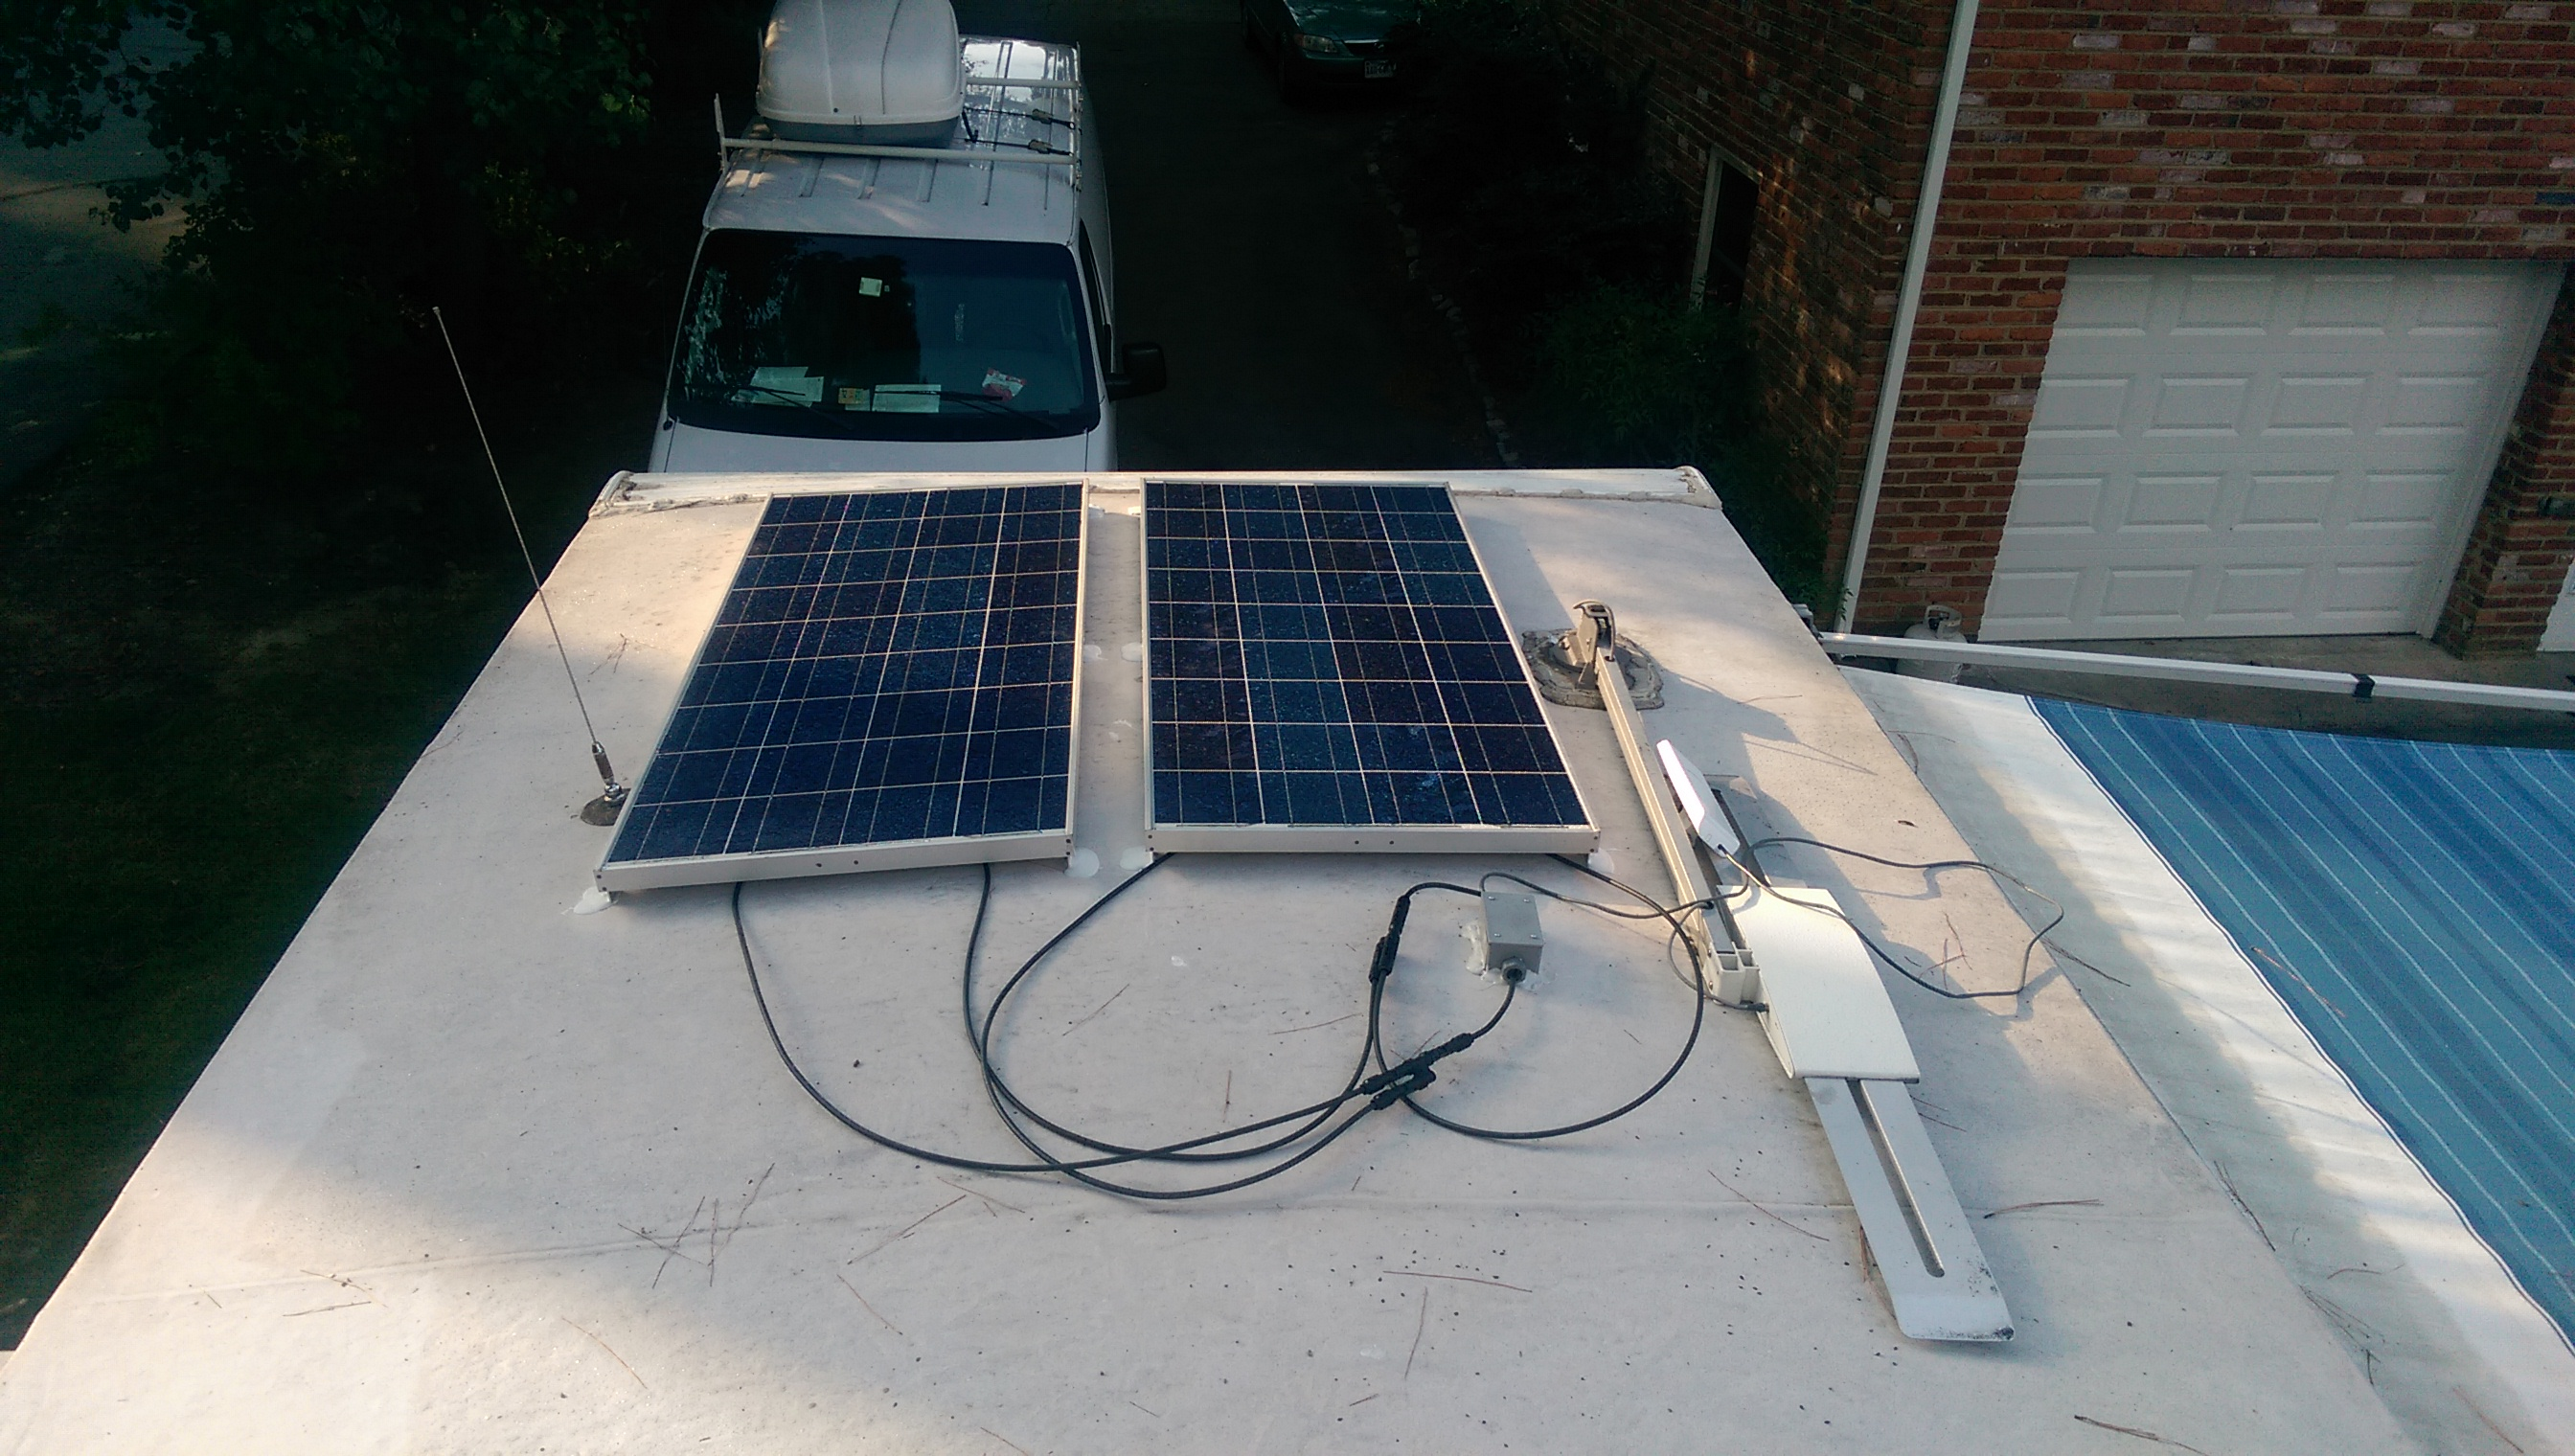 rv solar 1995 bluebird bus wiring diagram our basic diy installation road work play